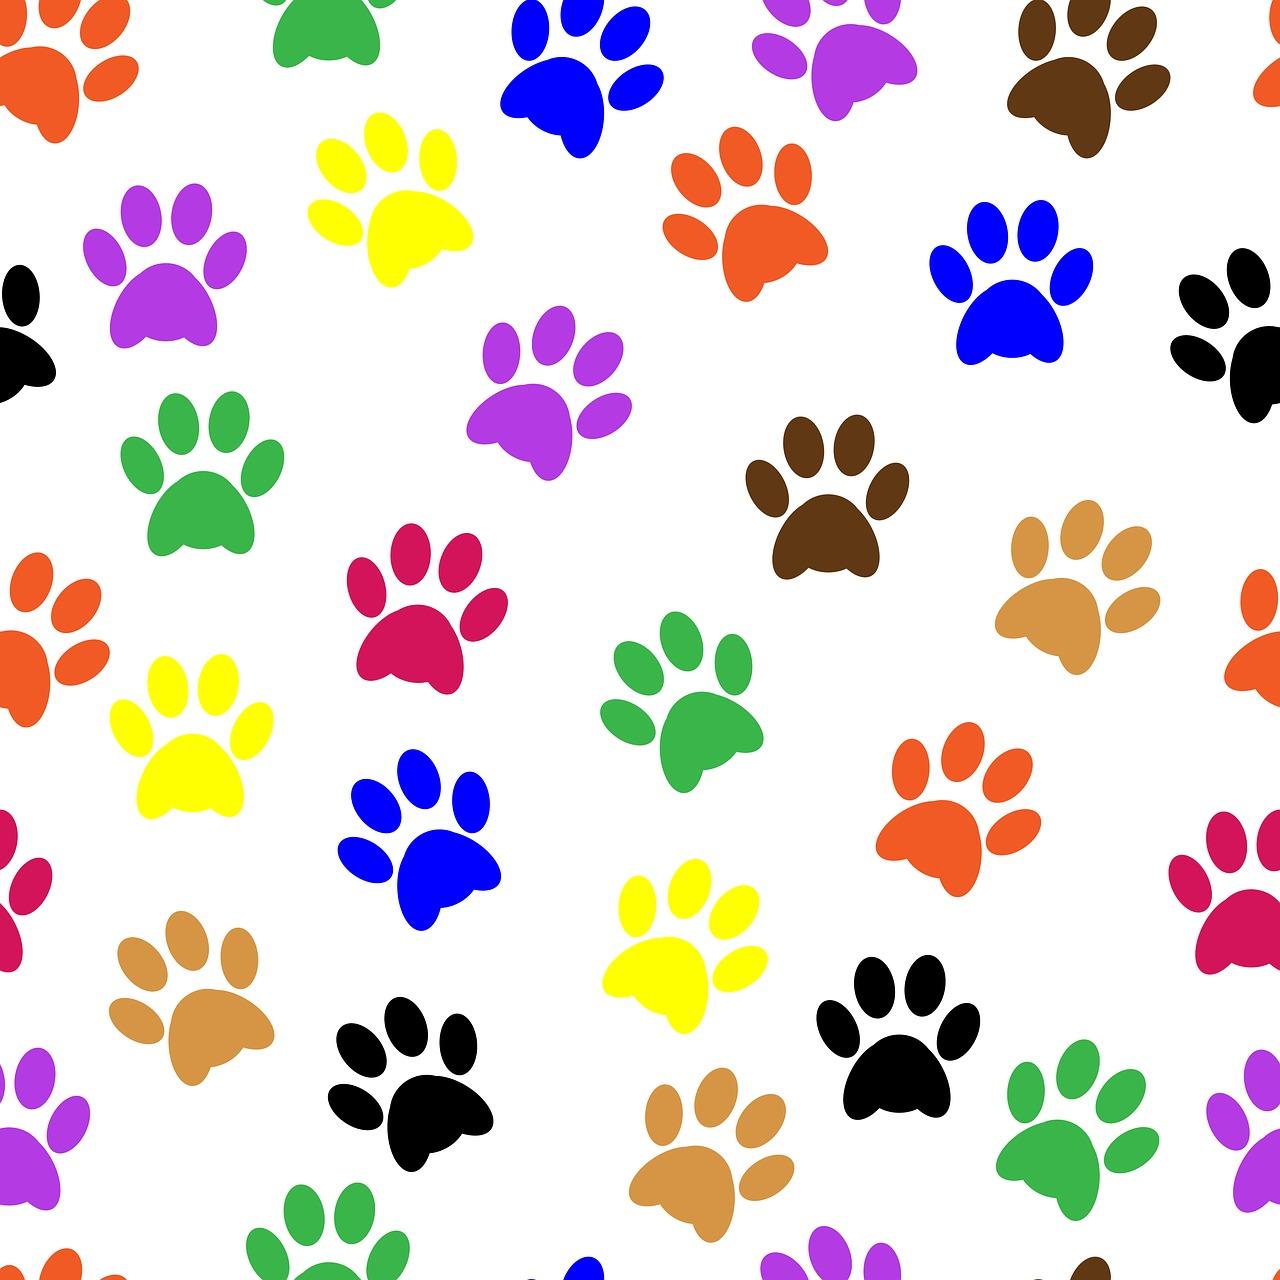 pawprints, paw prints, paw